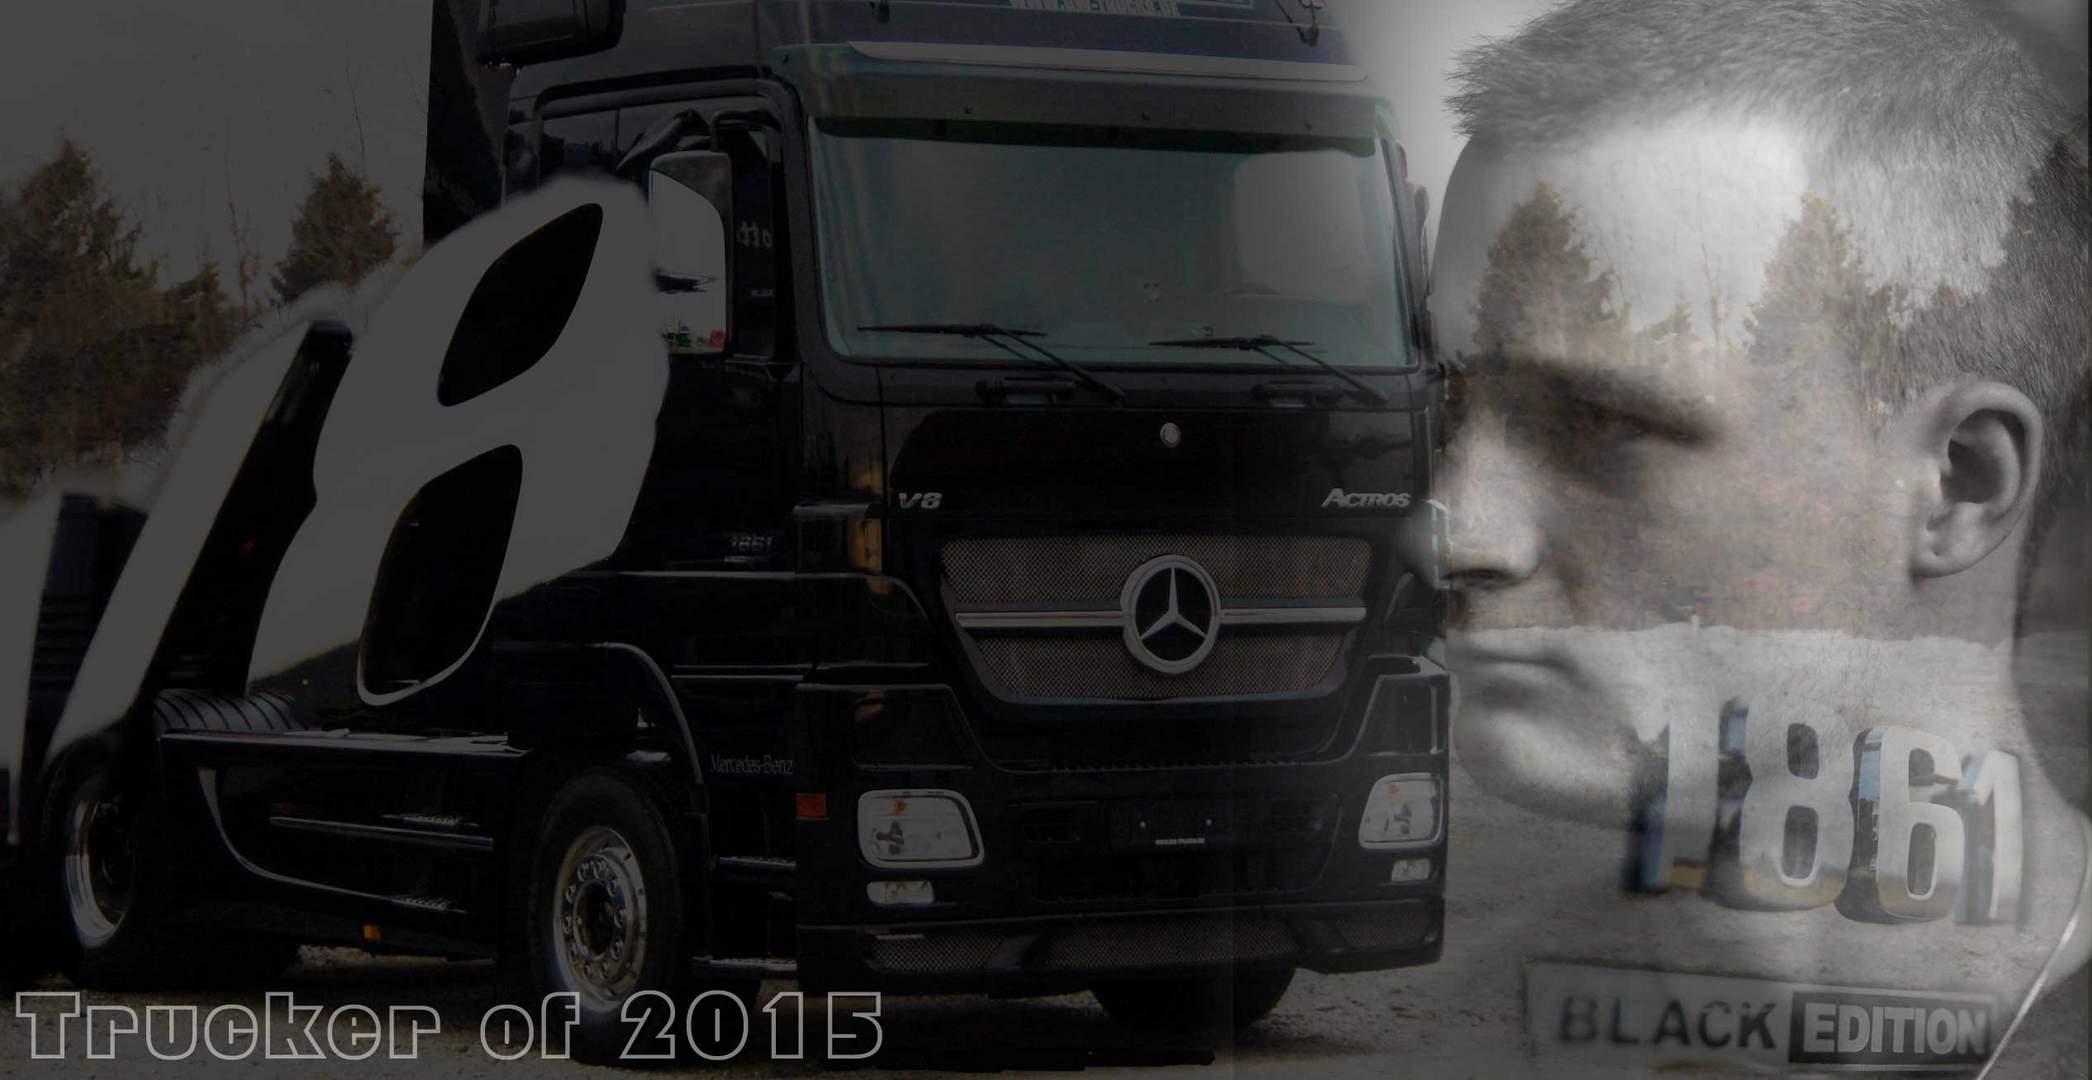 Trucker of 2015